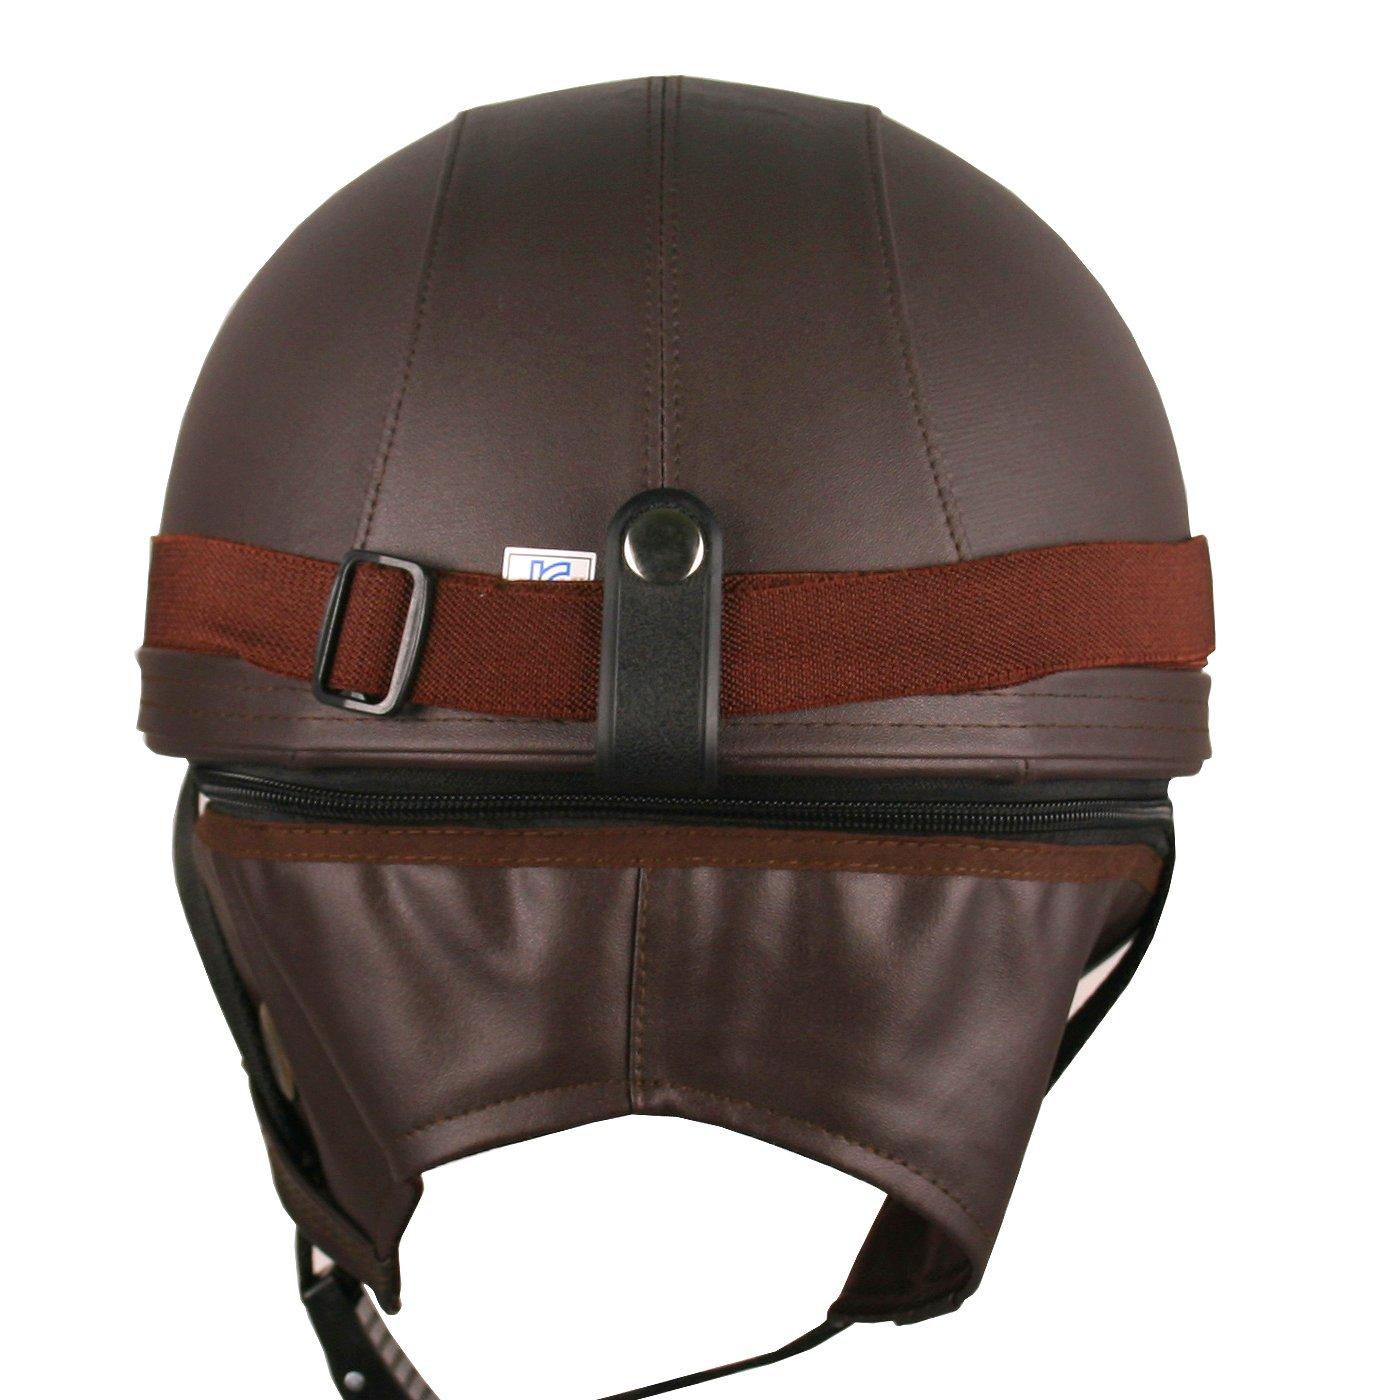 Amazon.es: Gafas de piel Vintage de estilo alemán de la mitad 1/2 casco motocicleta Biker Cruiser Casco de para patinete Touring